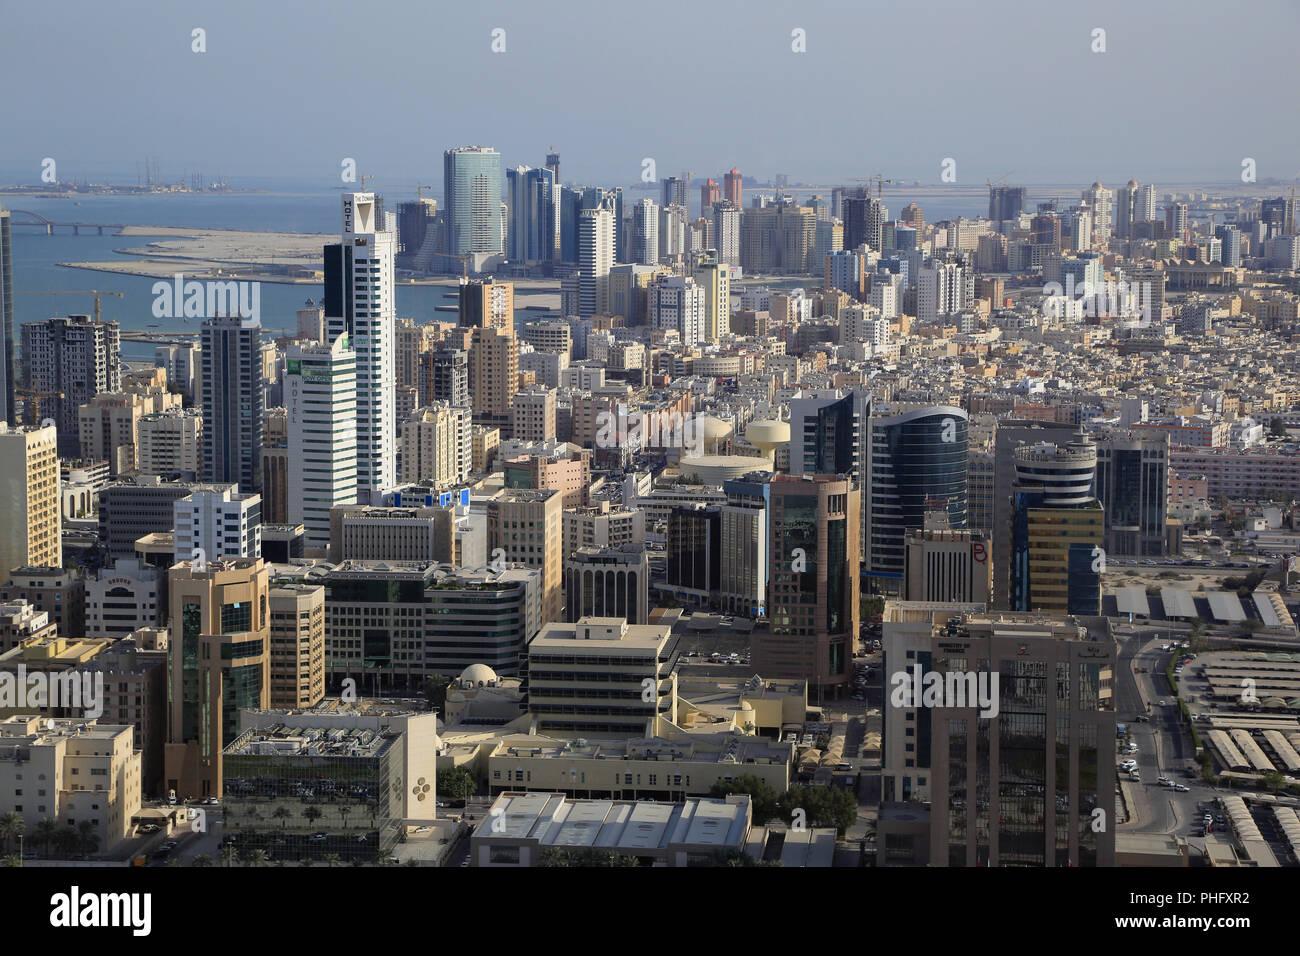 Il quartiere Zona diplomatica in Mamama, Capitale di Bahrain Immagini Stock